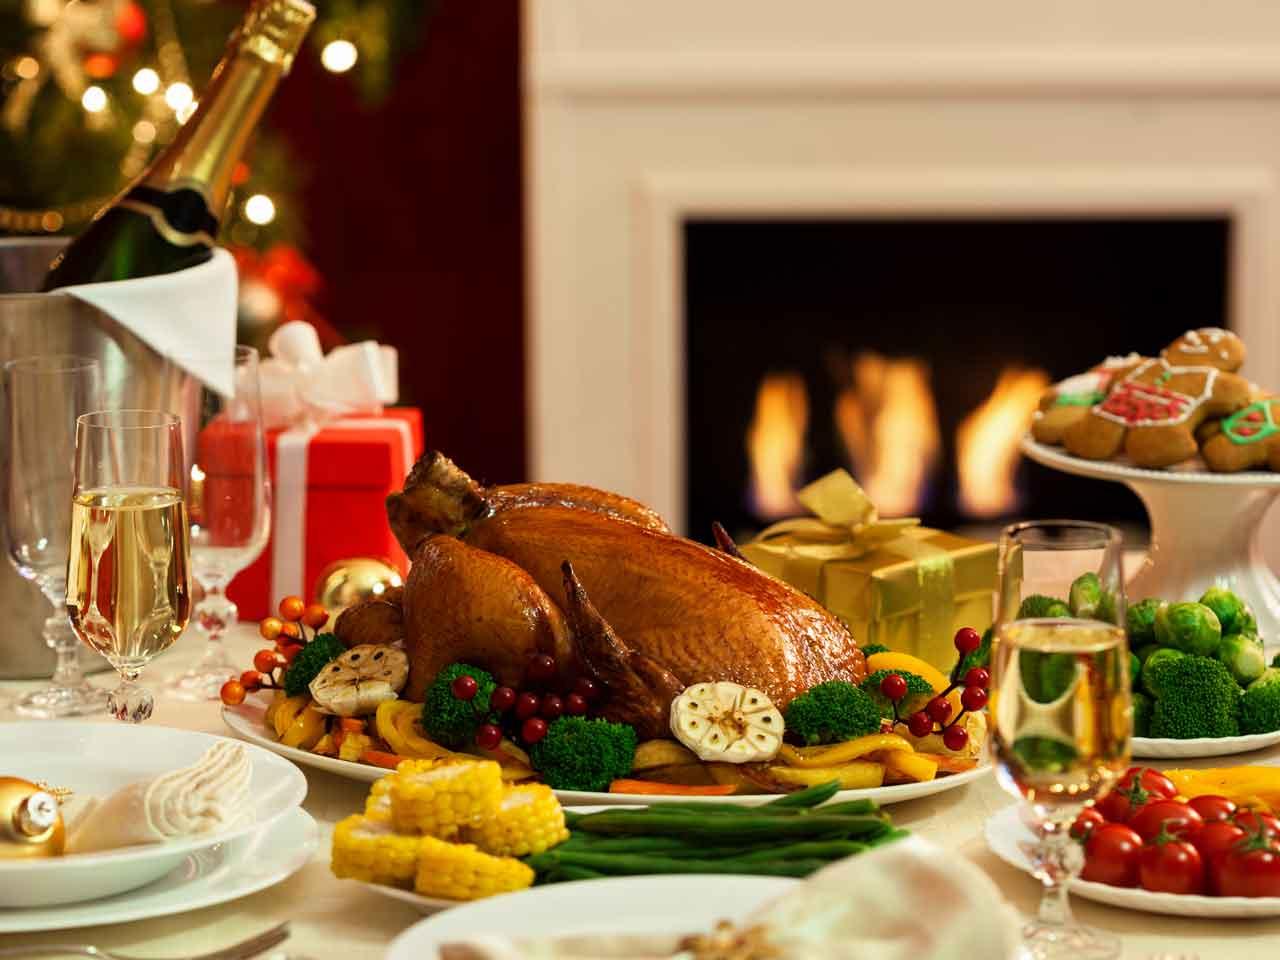 Christmas dinner planner saga for Restaurants open for christmas dinner